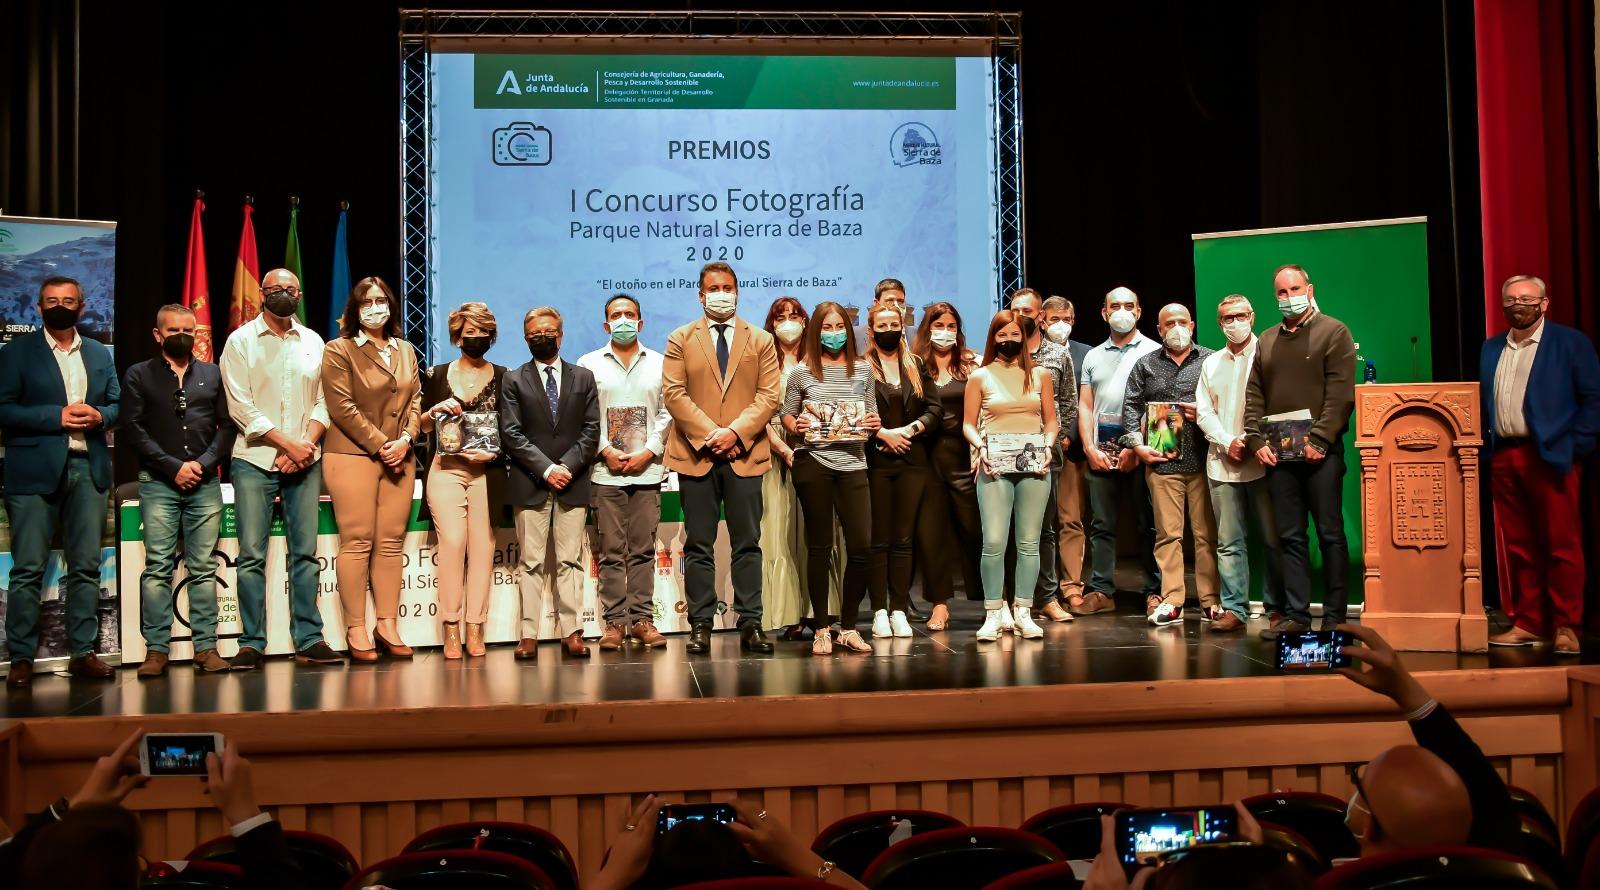 La Junta entrega los premios del I Concurso de fotografía Parque Natural Sierra de Baza